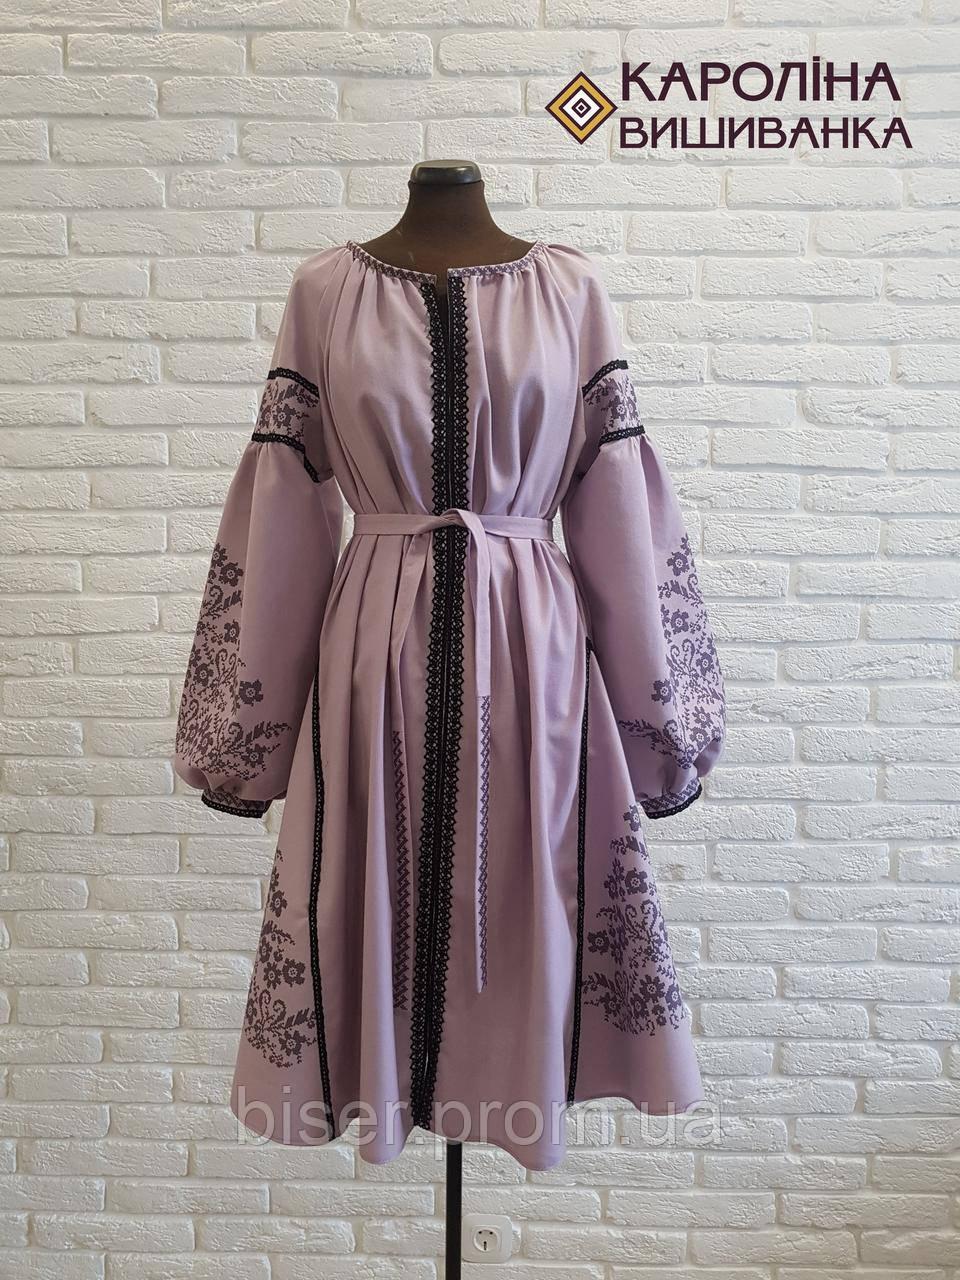 Пошите жіноче плаття під вишивку ( лілове бохо) - Интернет-магазин  «Роксолана» 5aa33584b54a0